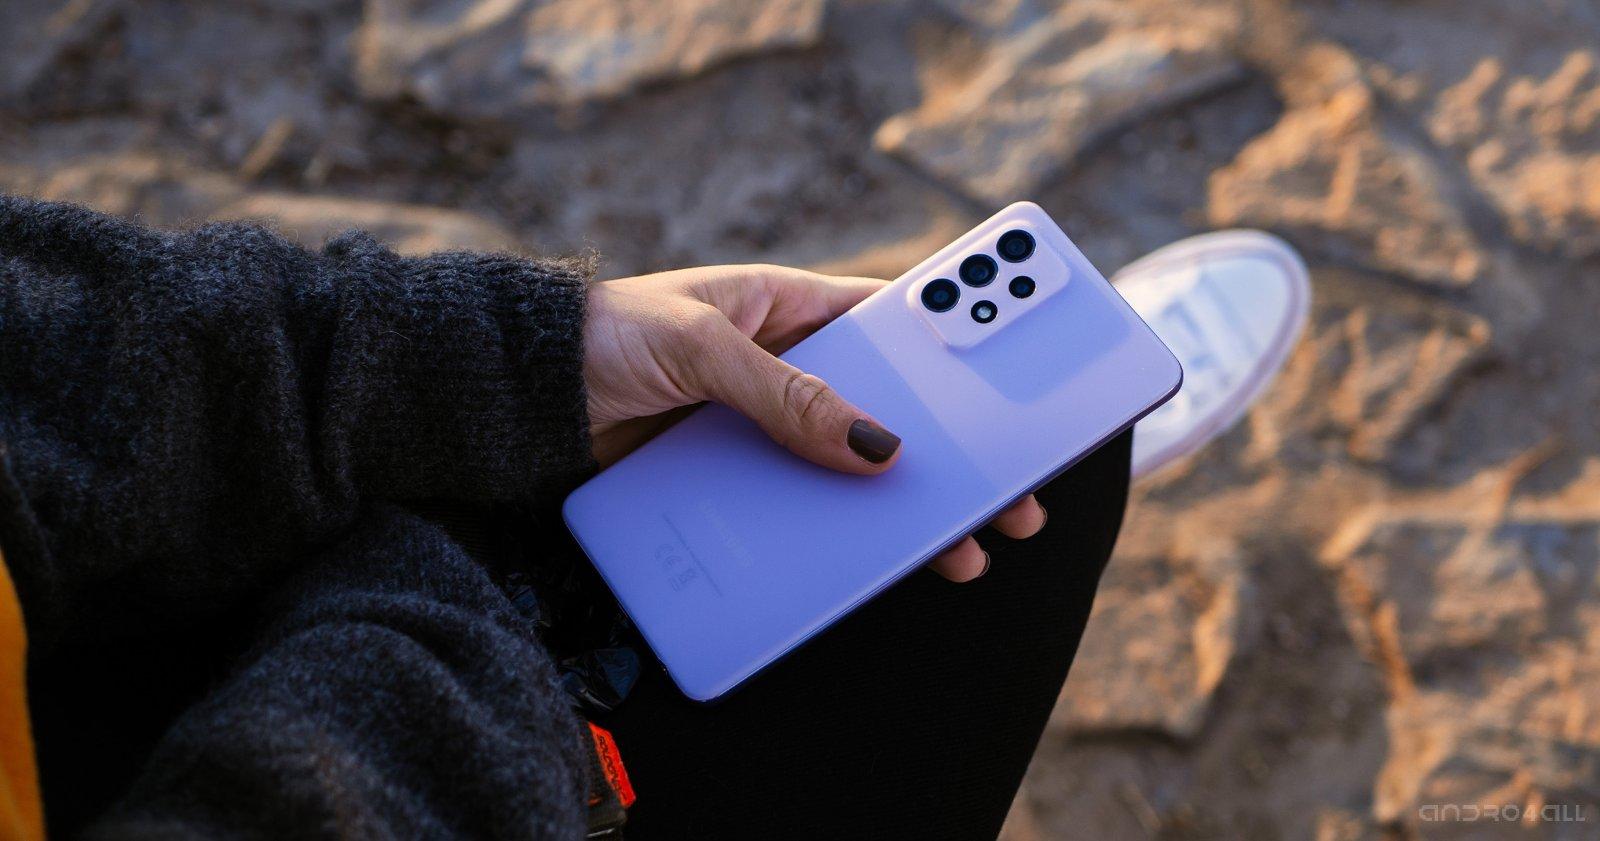 ظهر هاتف Samsung Galaxy A52 5G باللون الأرجواني